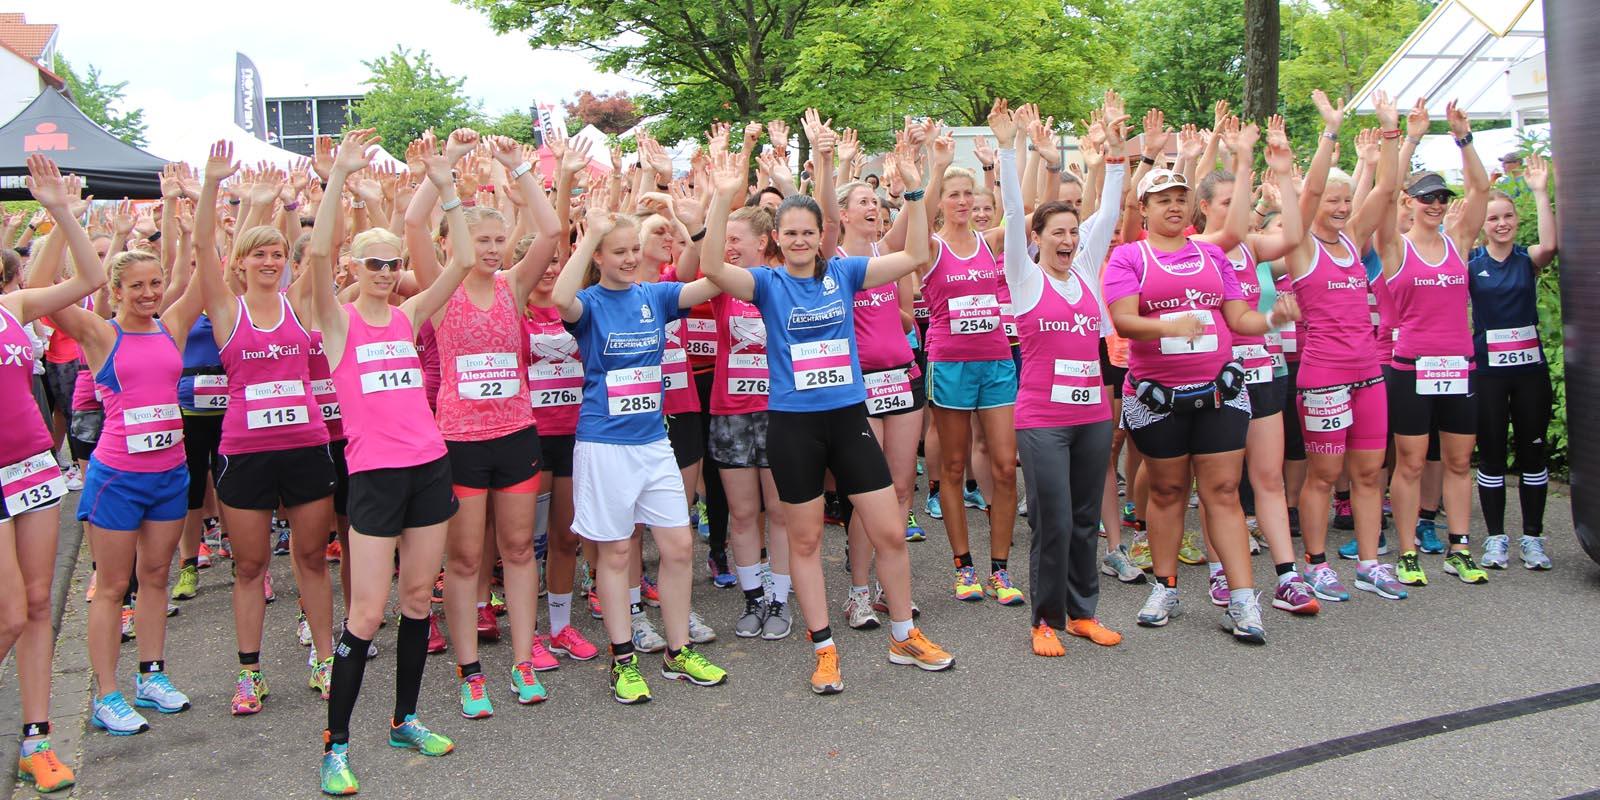 Teilnehmerinnen des Iron Girl Laufs an der Startlinie